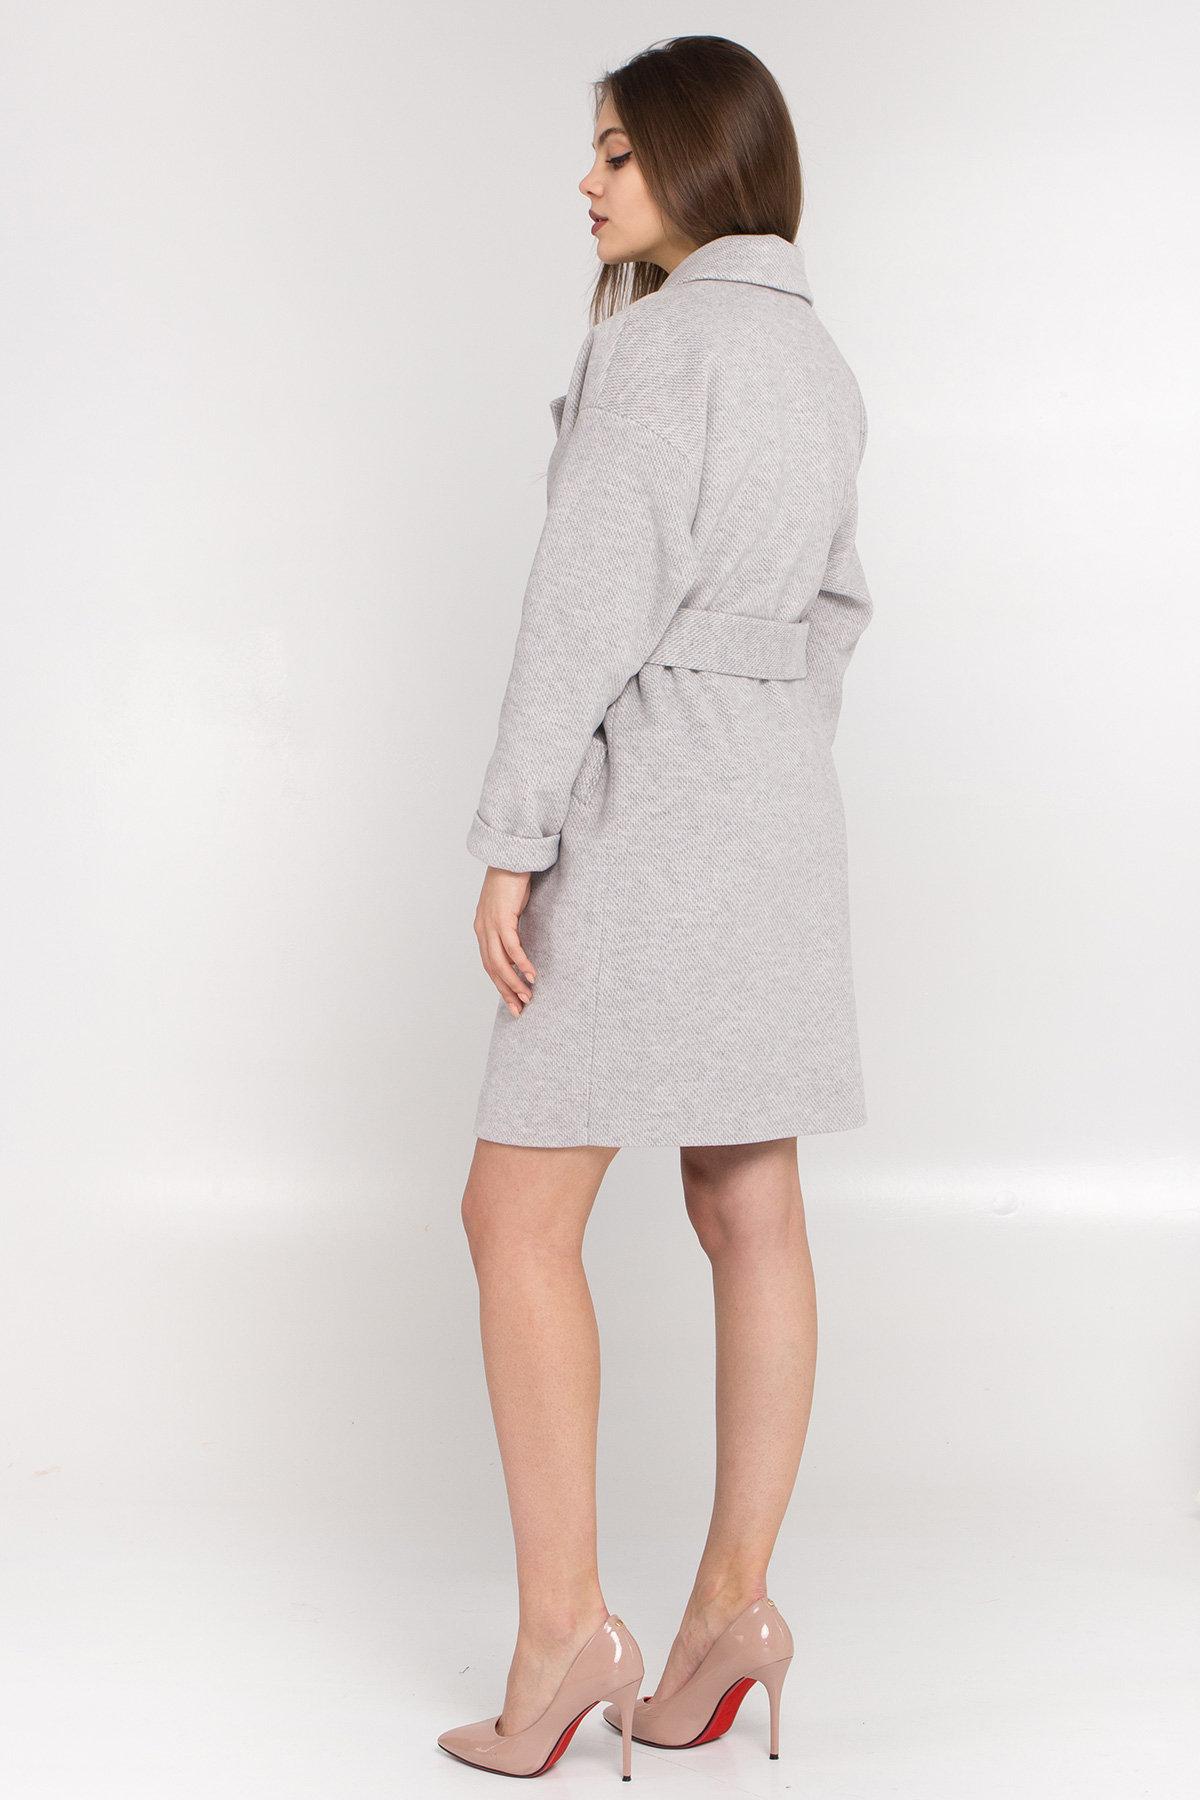 Демисезонное двубортное пальто Сенсей 8845 АРТ. 45170 Цвет: Светло серый - фото 5, интернет магазин tm-modus.ru